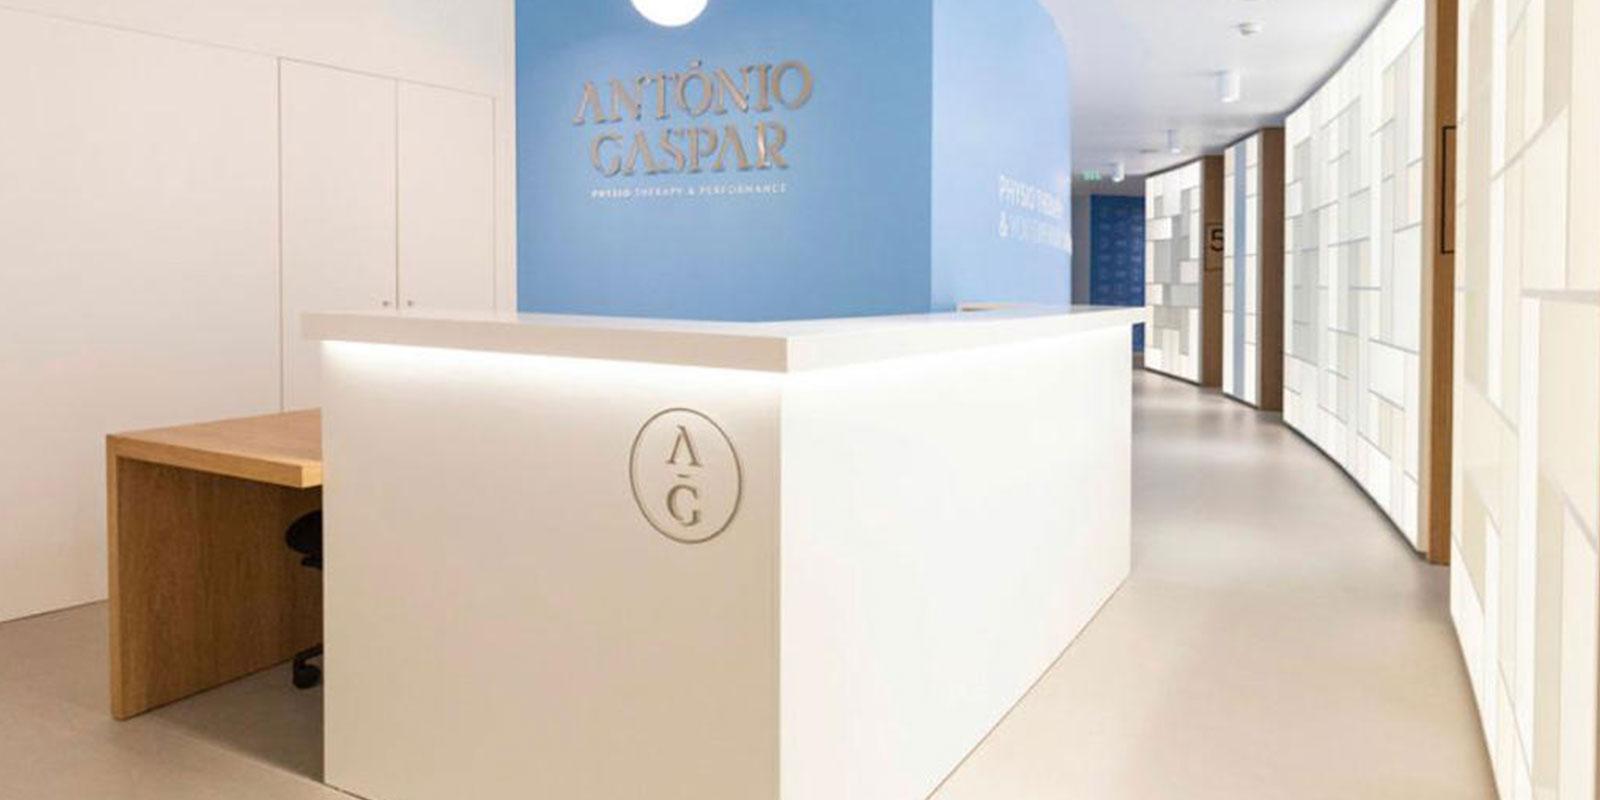 Clinica António Gaspar 5